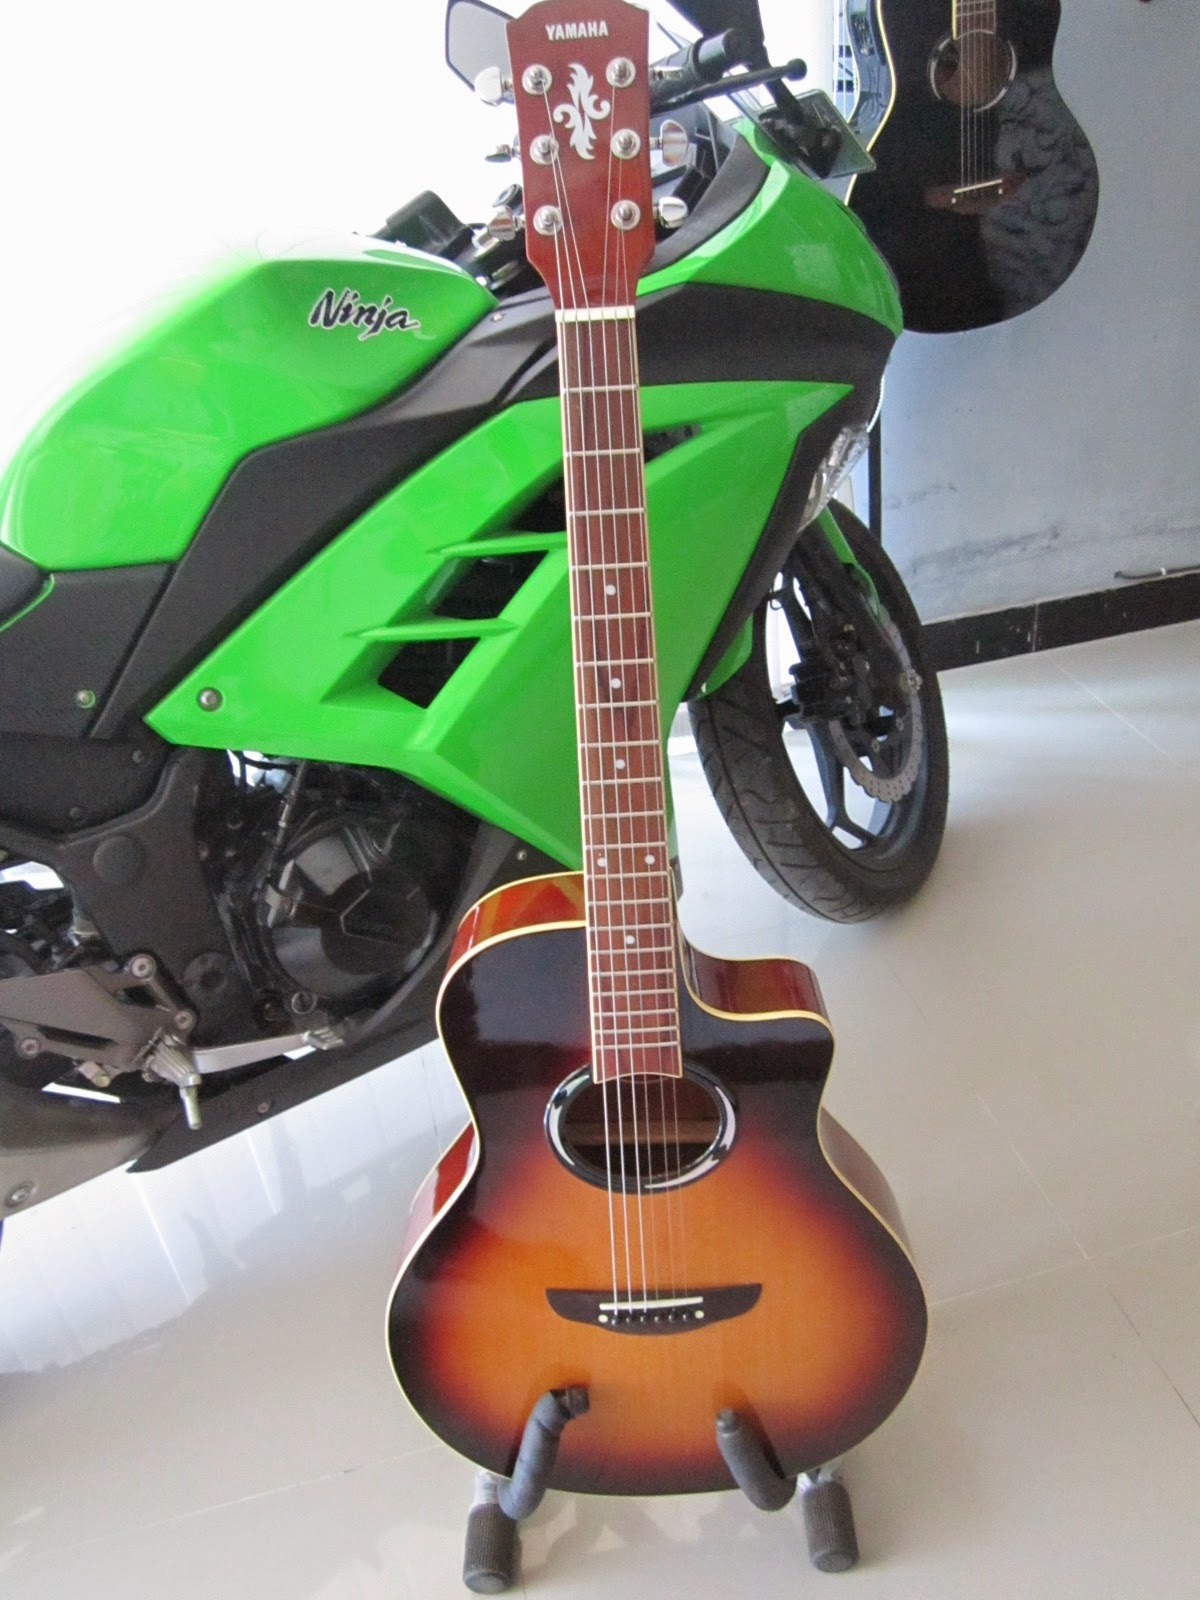 Aleo Music Warehouse Yamaha Apxii Fm Sunburst